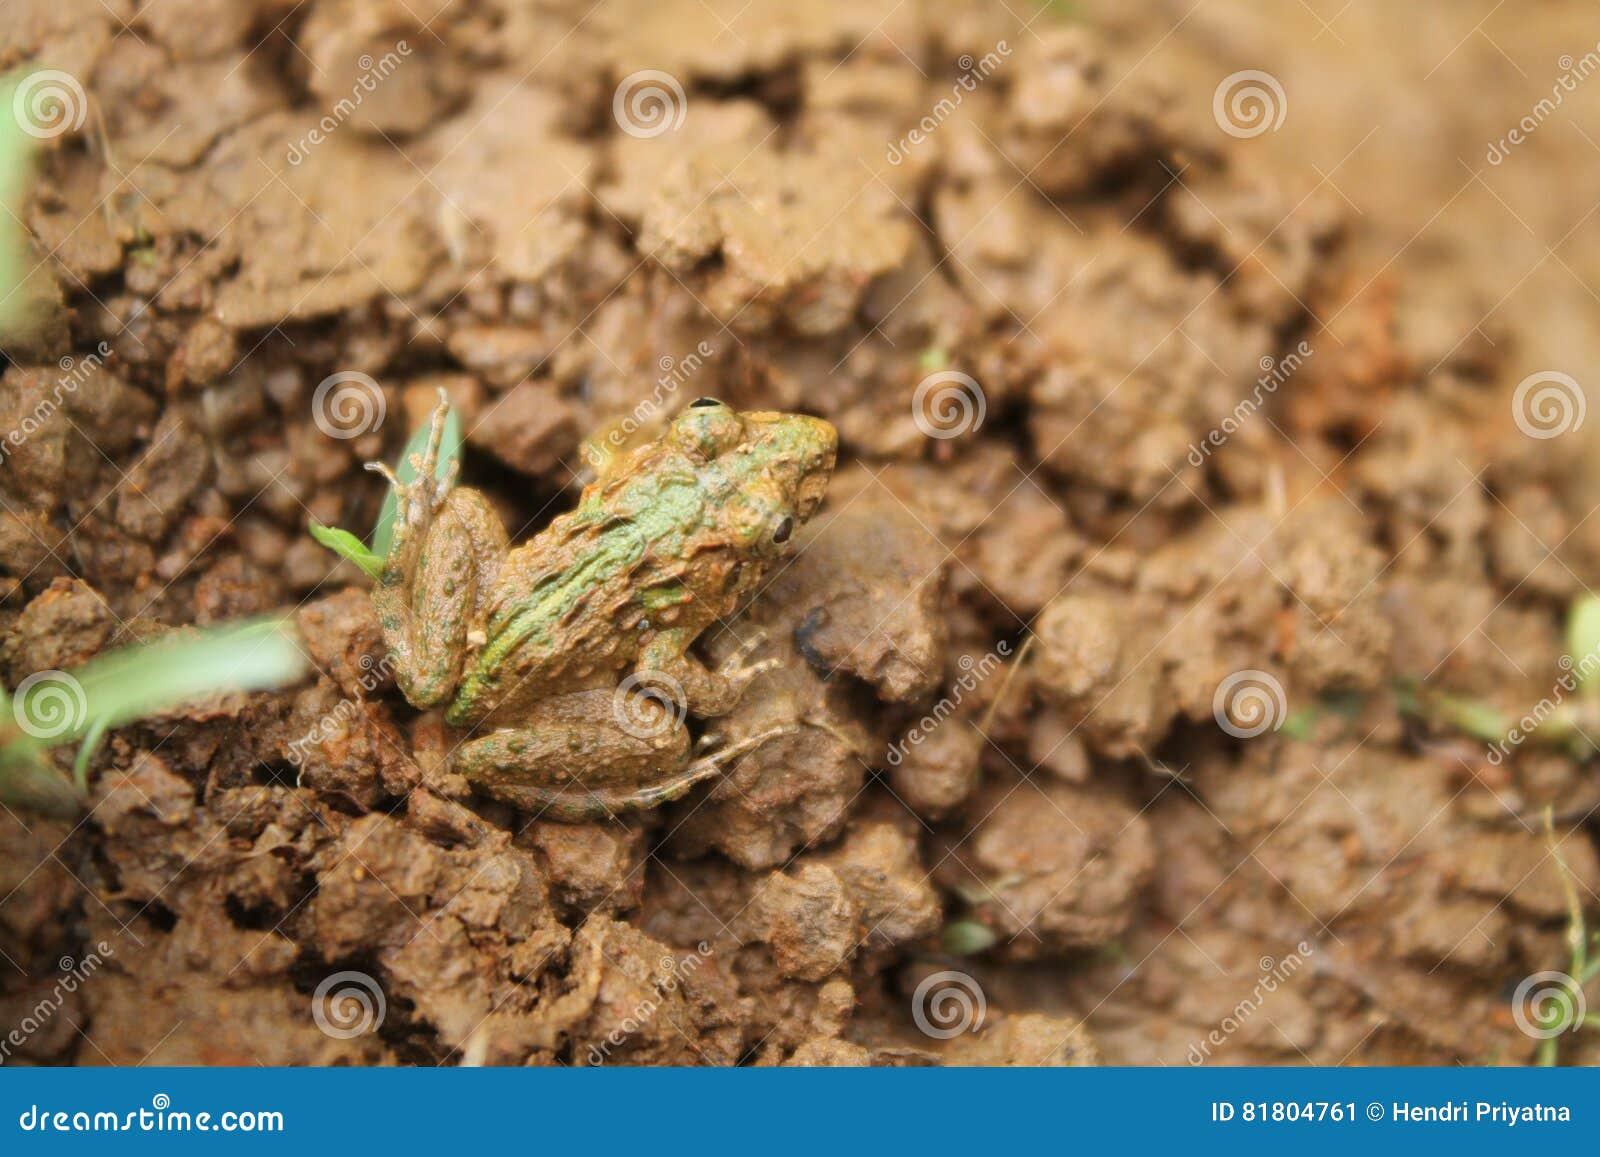 Лягушка камуфлирования с землей